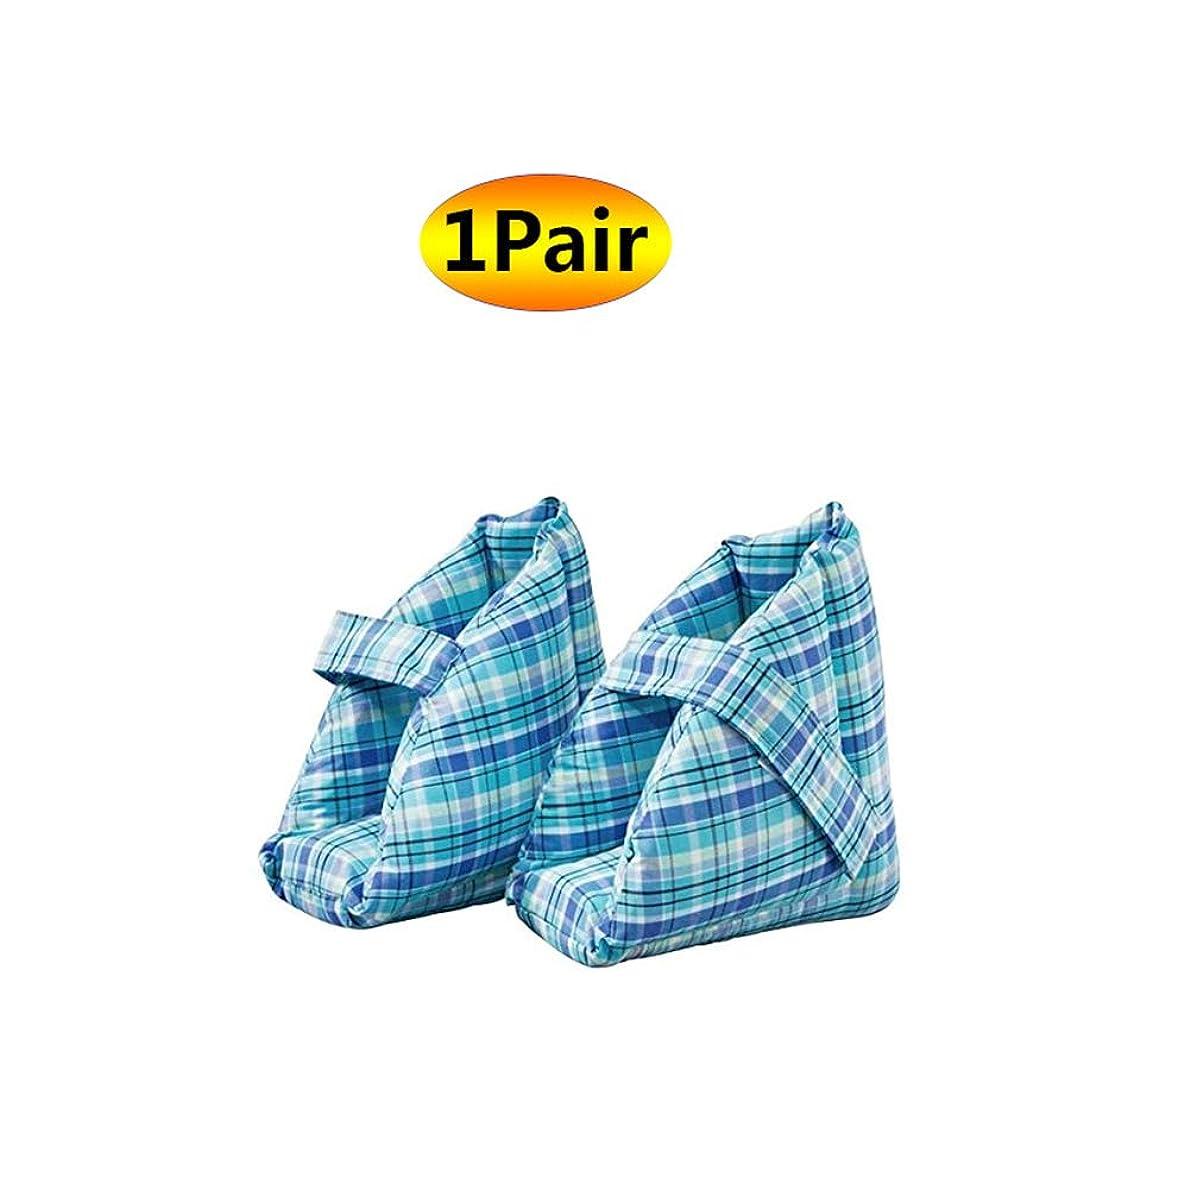 音節組み合わせる硬いソフト慰めヒールプロテクター枕、ヒールフロートヒールプロテクター、高齢者の足補正カバー - ブルー